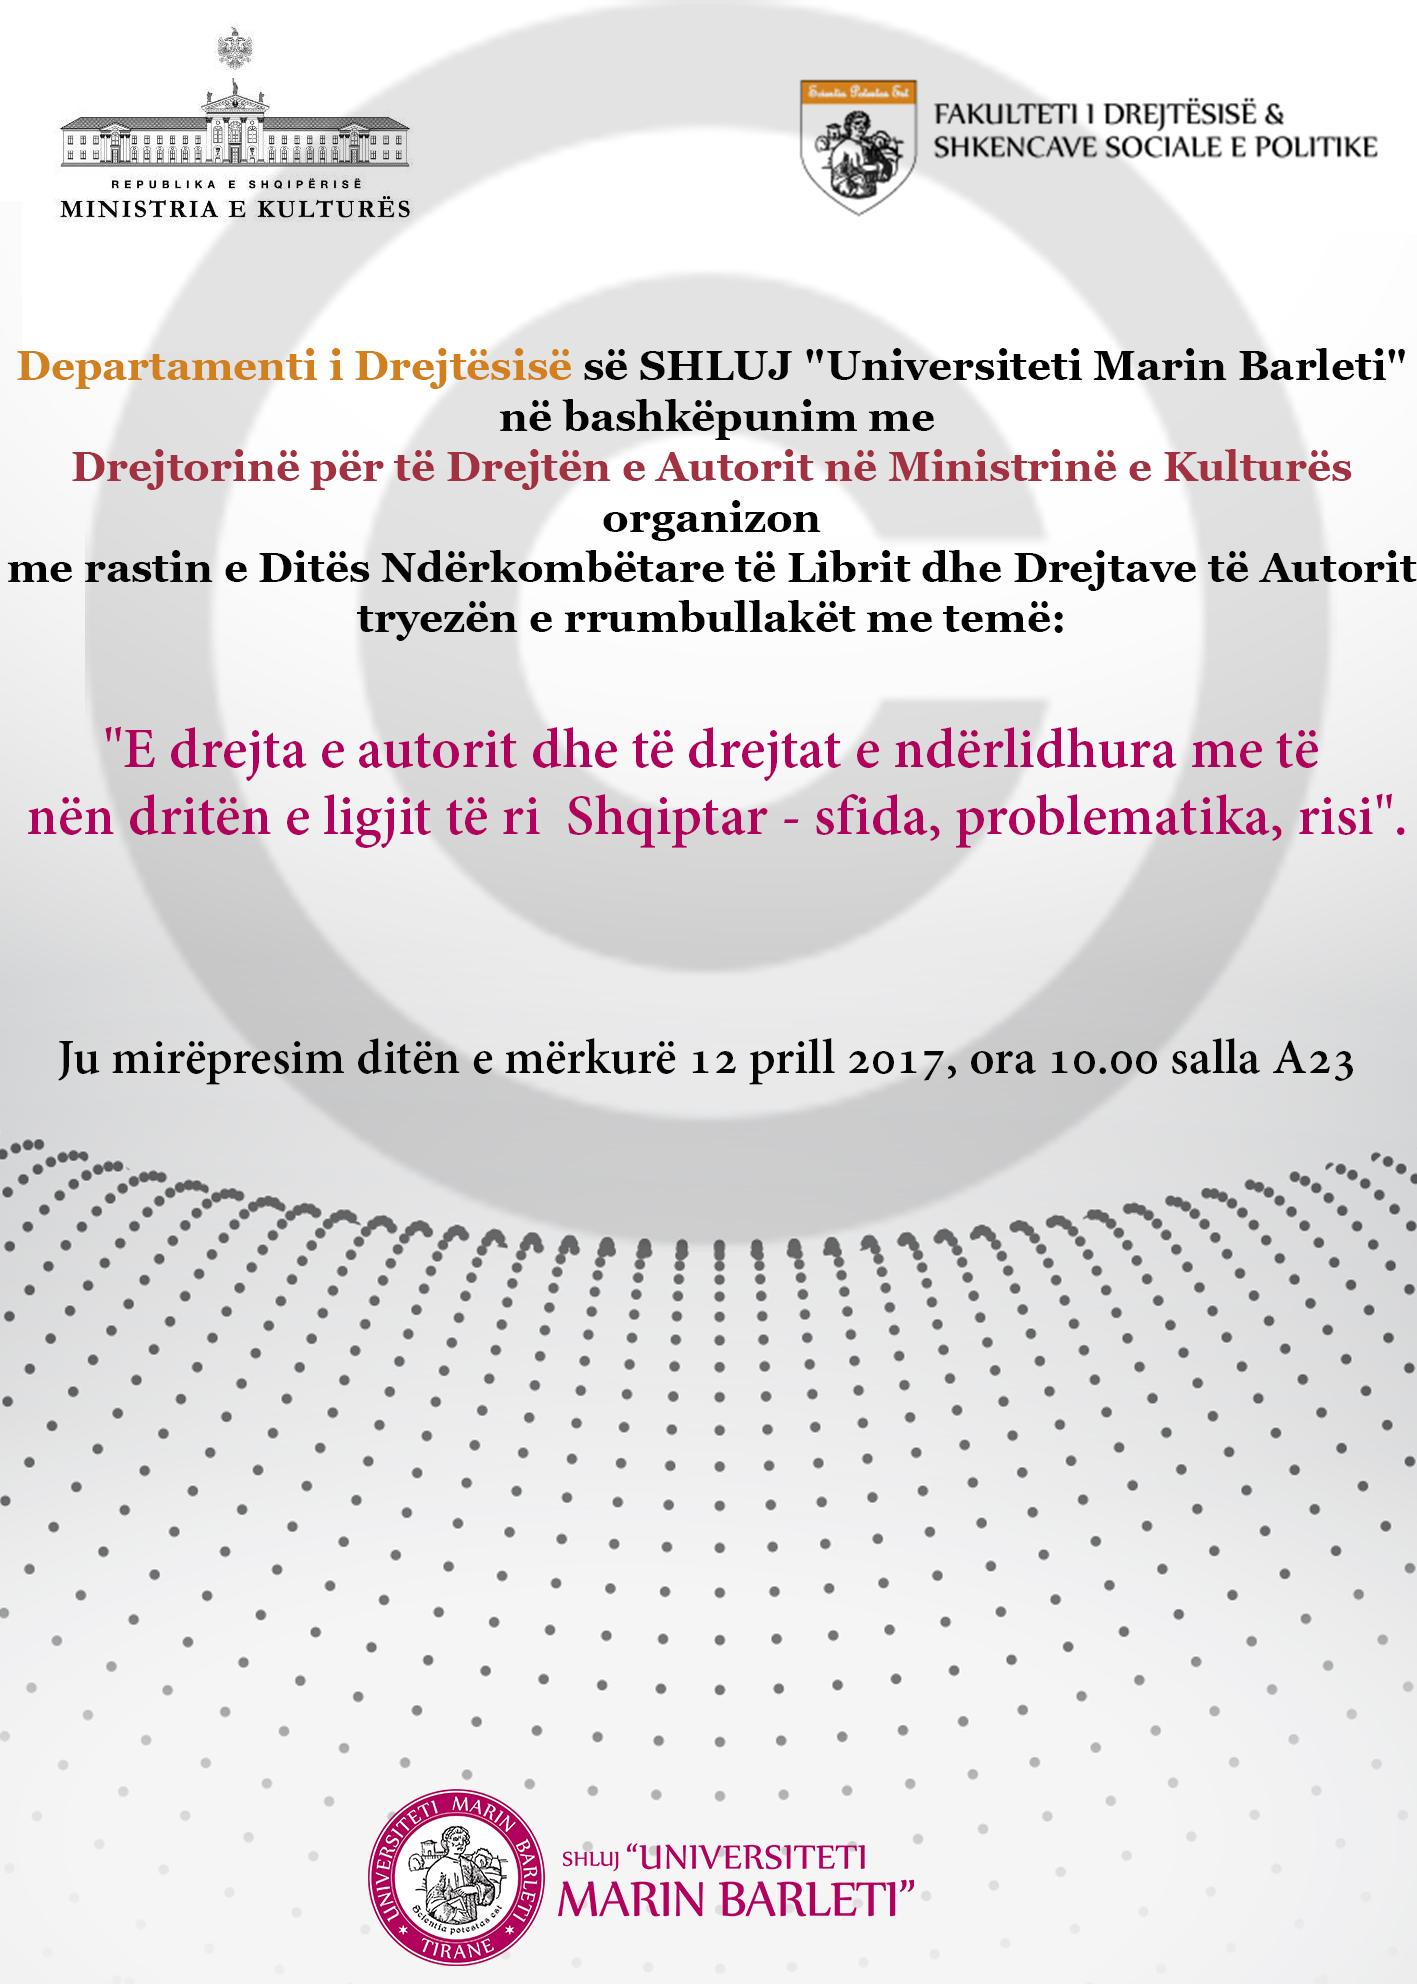 E drejta e autorit dhe të drejtat e ndërlidhura me të nën dritën e ligjit të ri Shqiptar